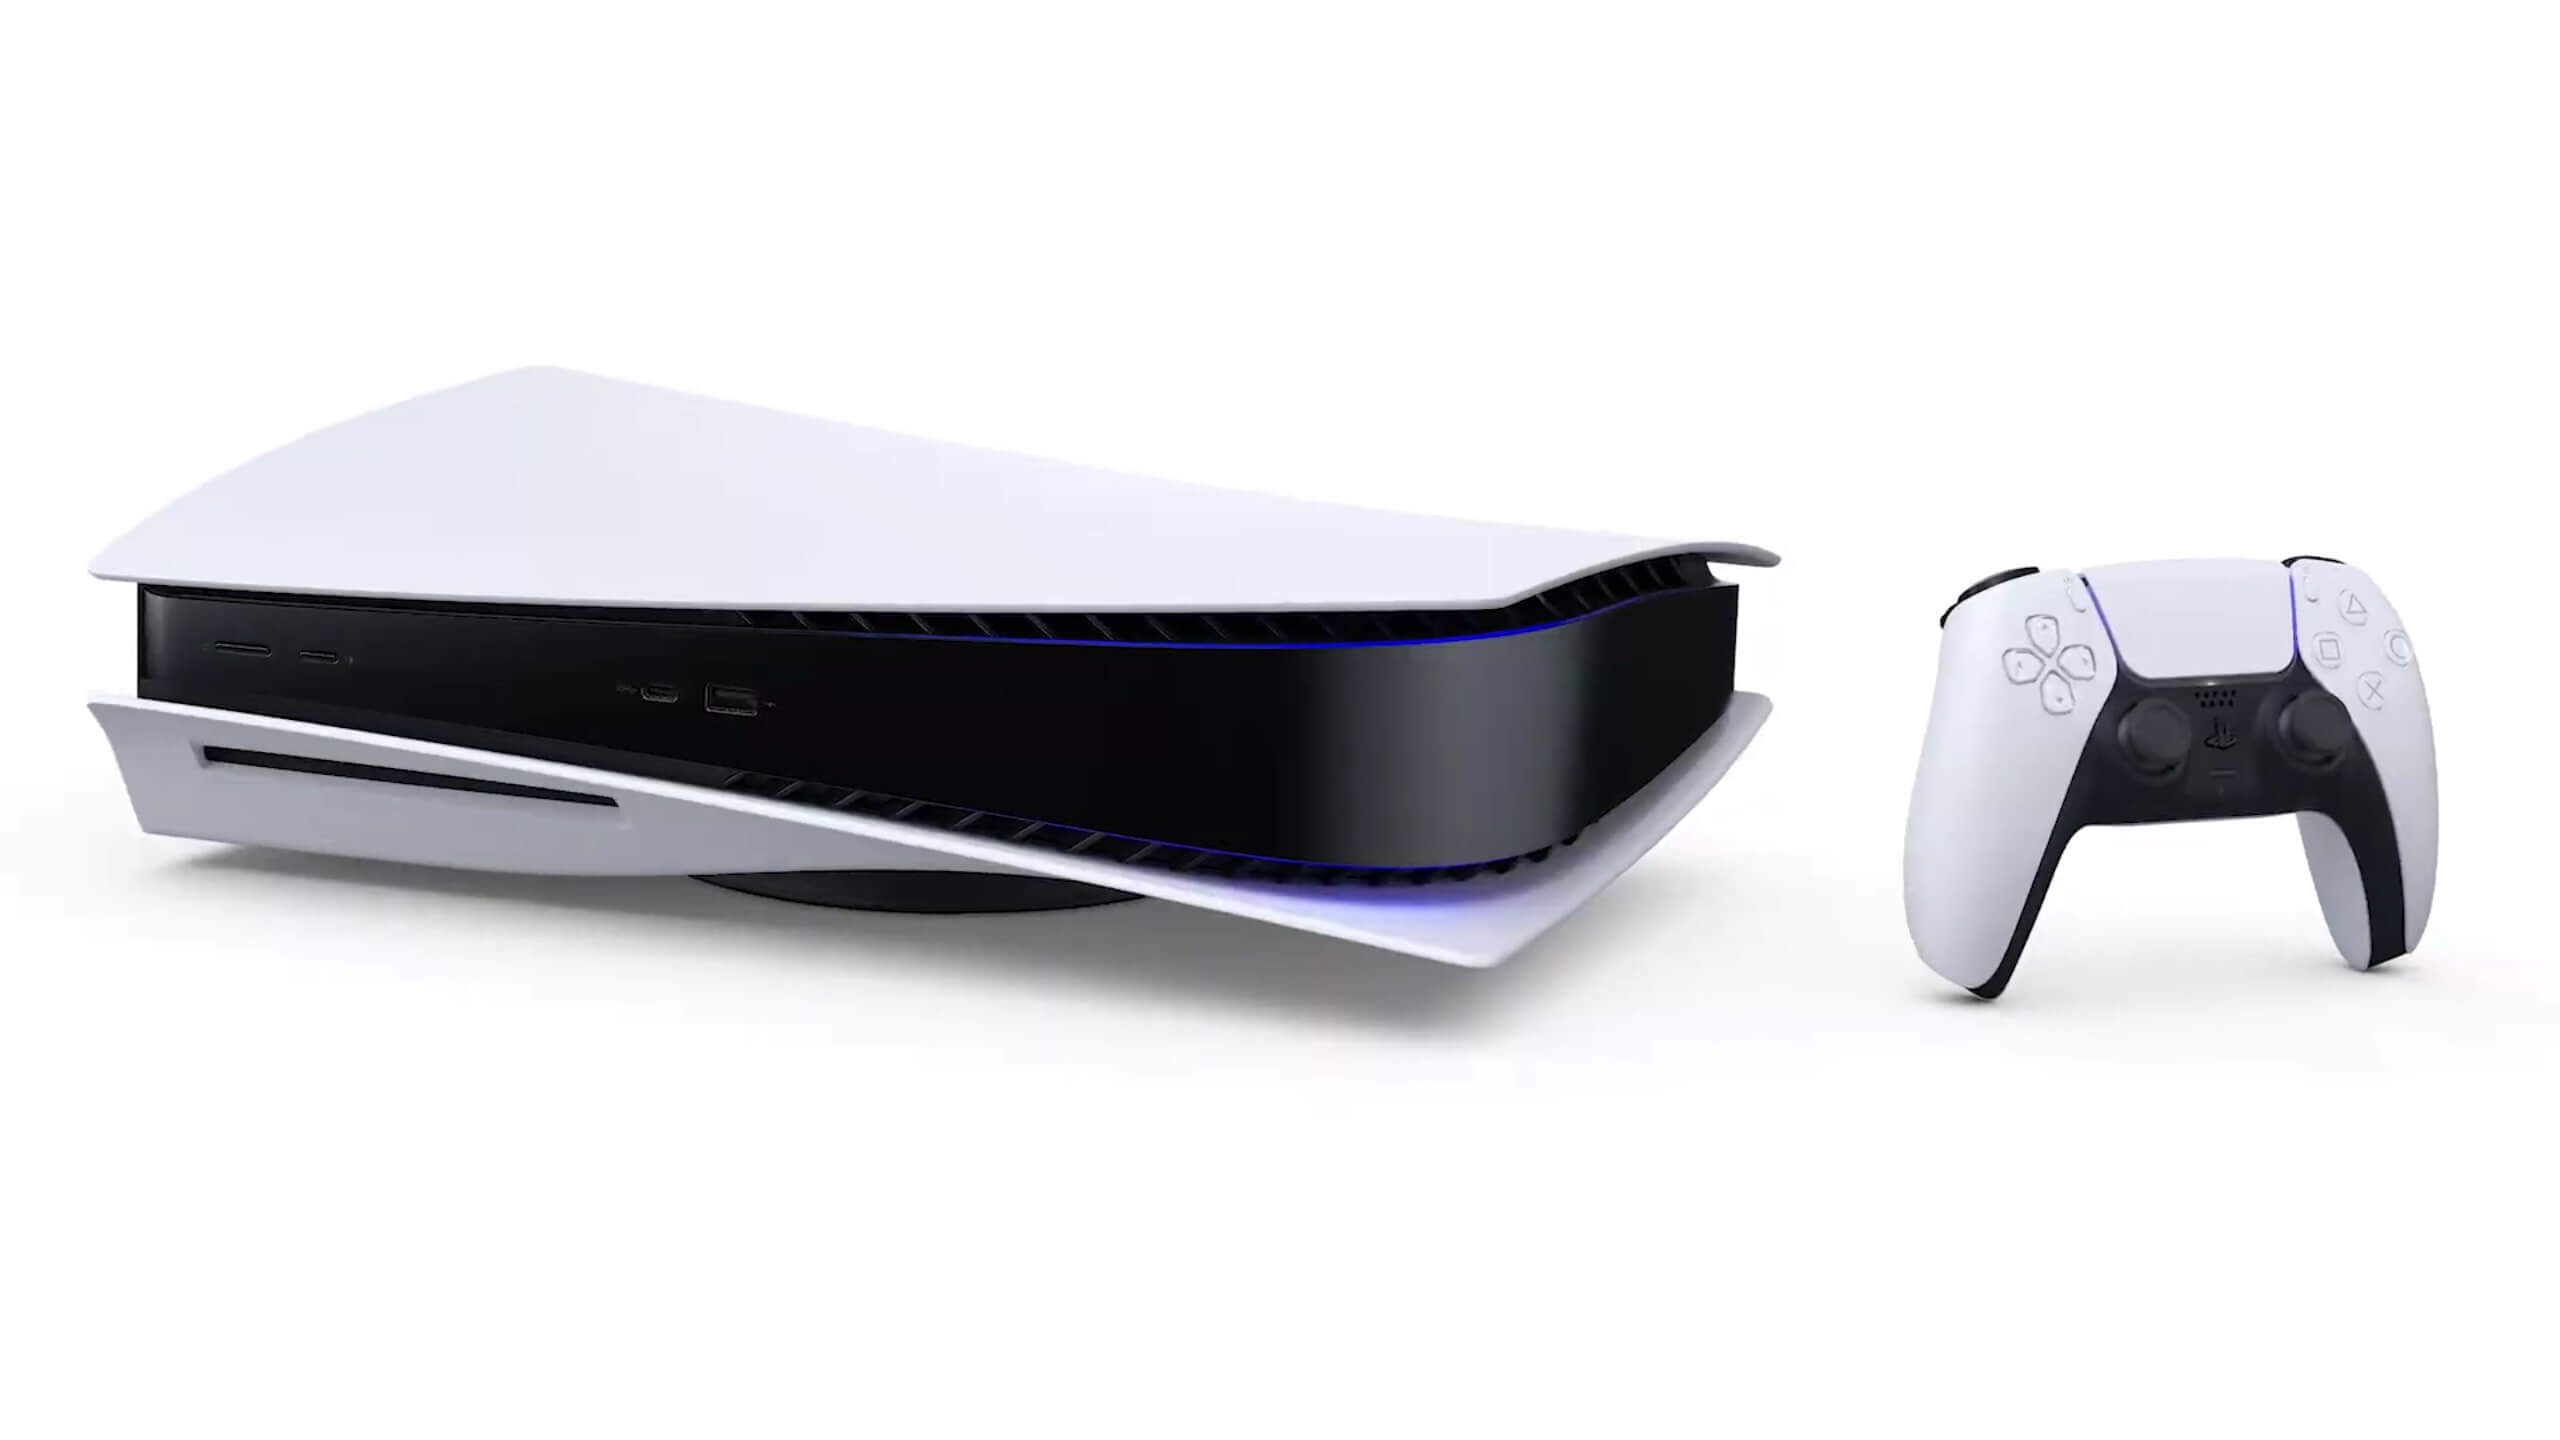 Usuarios de PS5 reportan problemas con el modo reposo de la consola